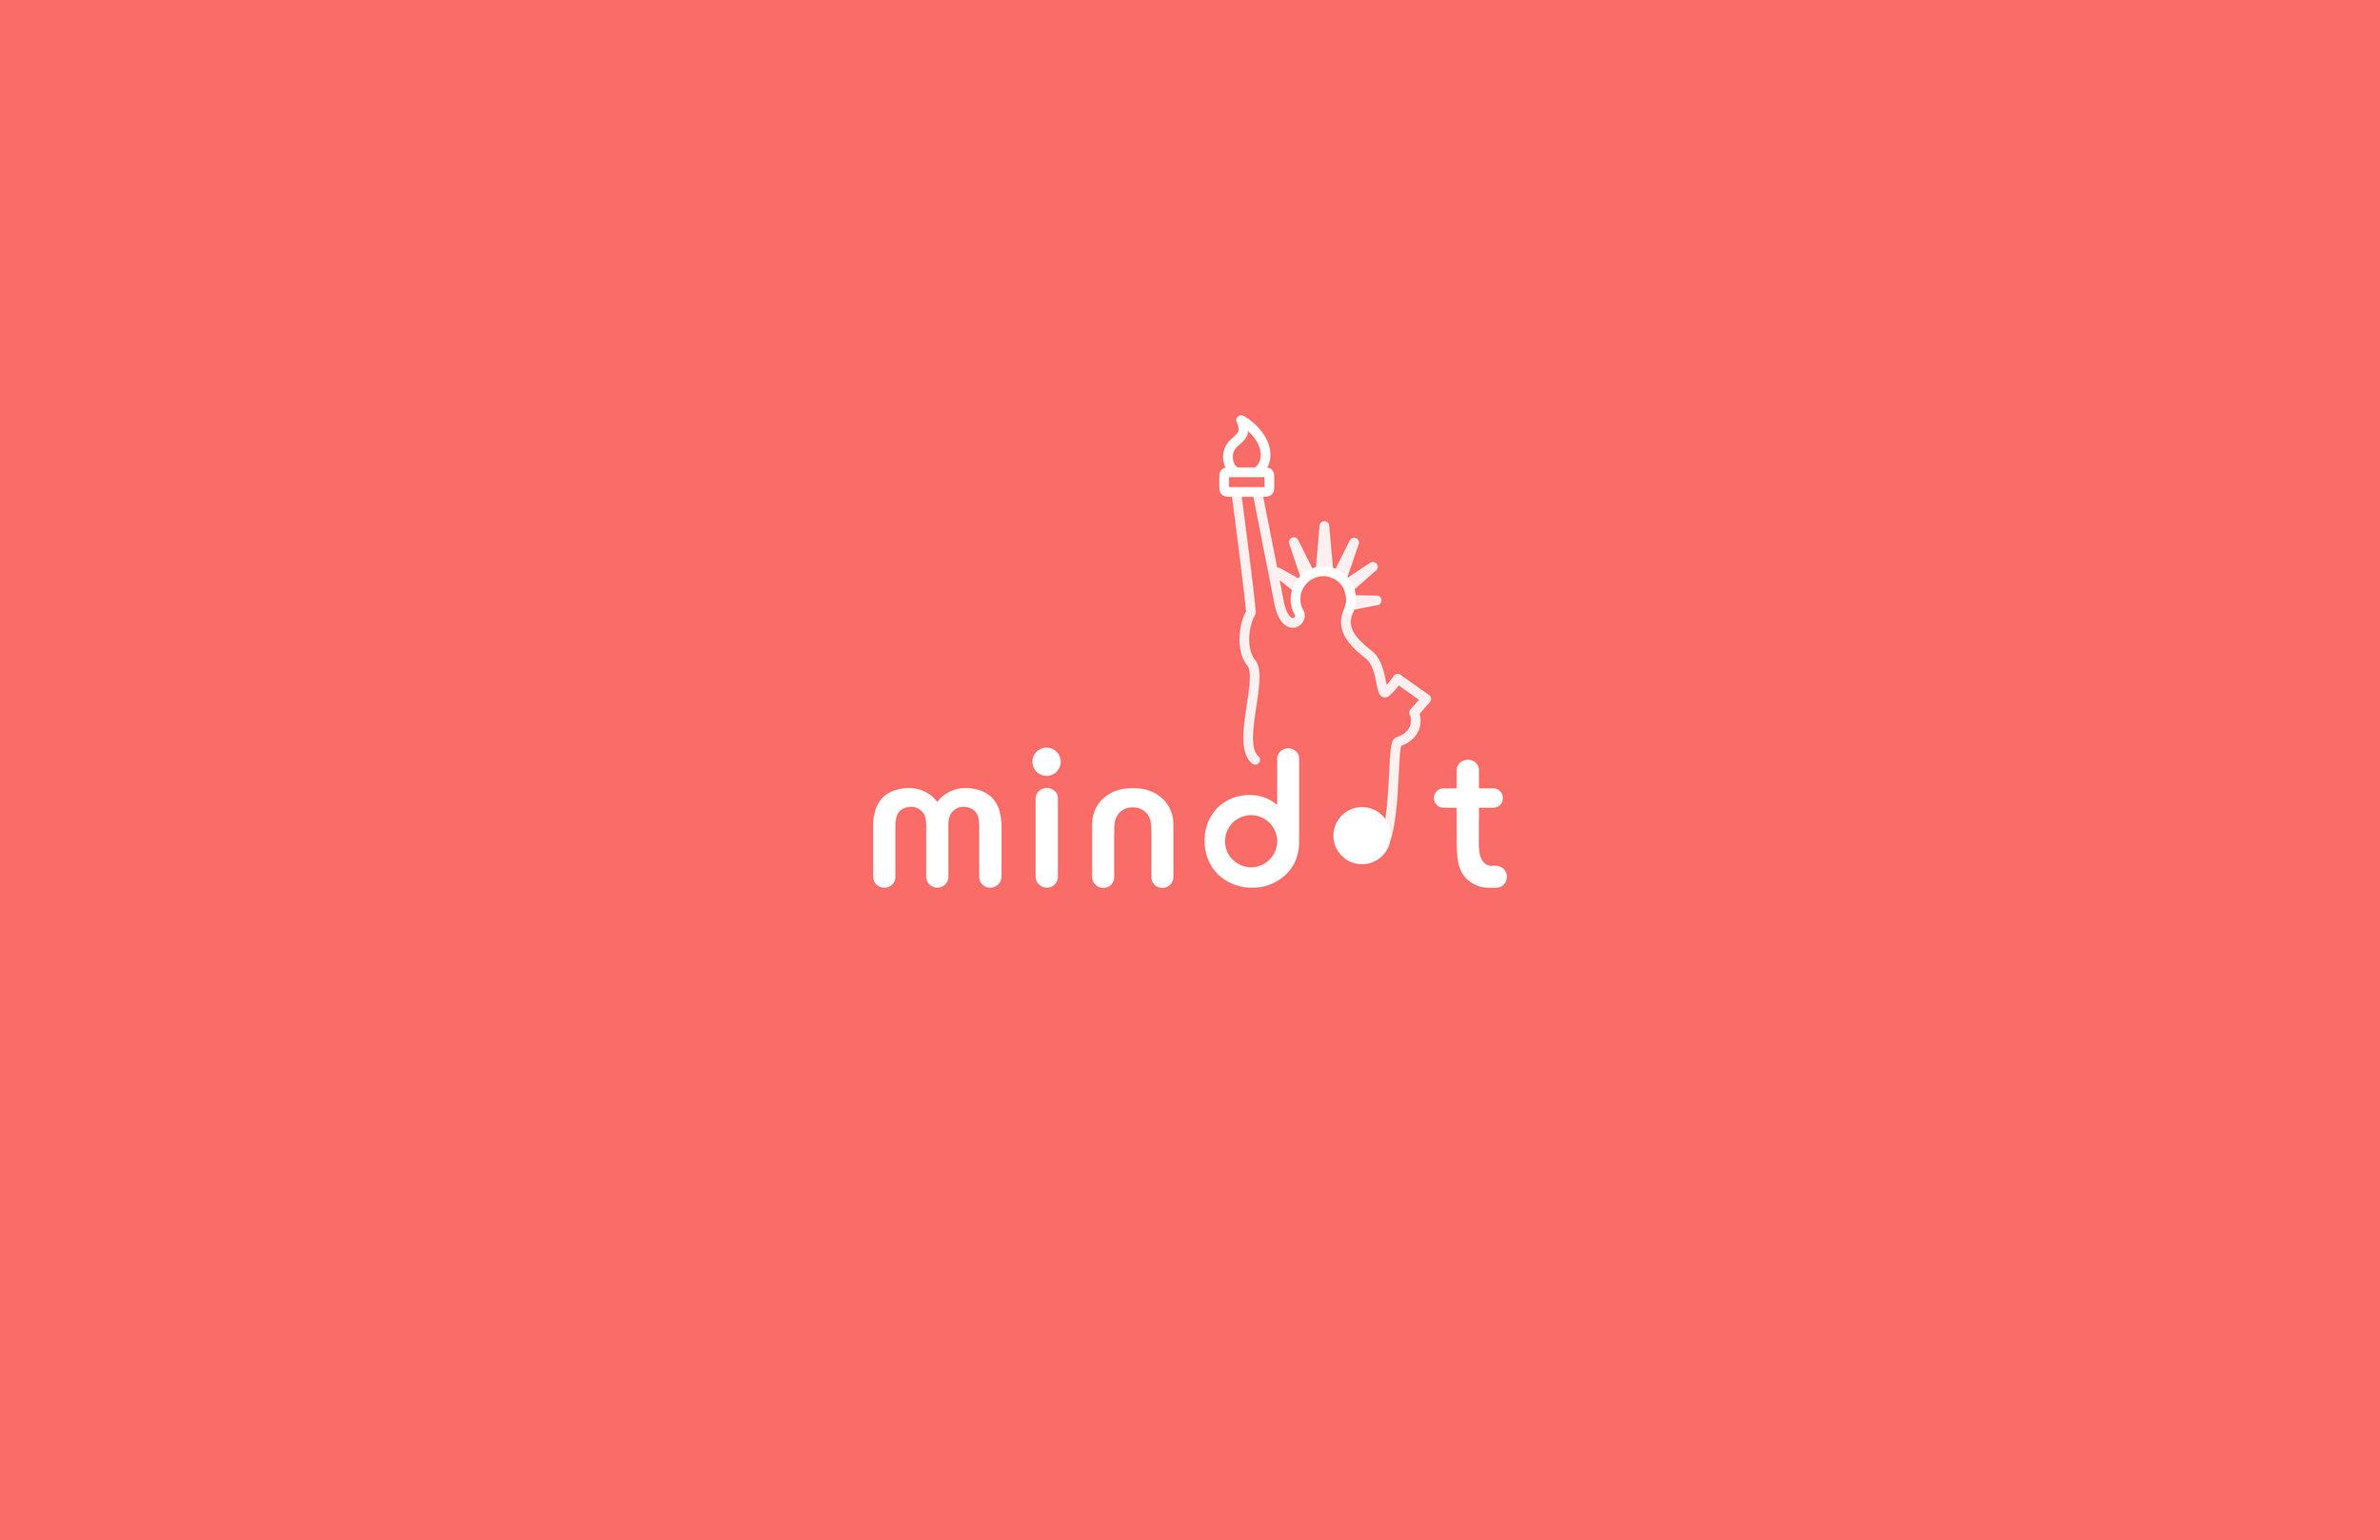 mindot_branding_12312016-17.jpg